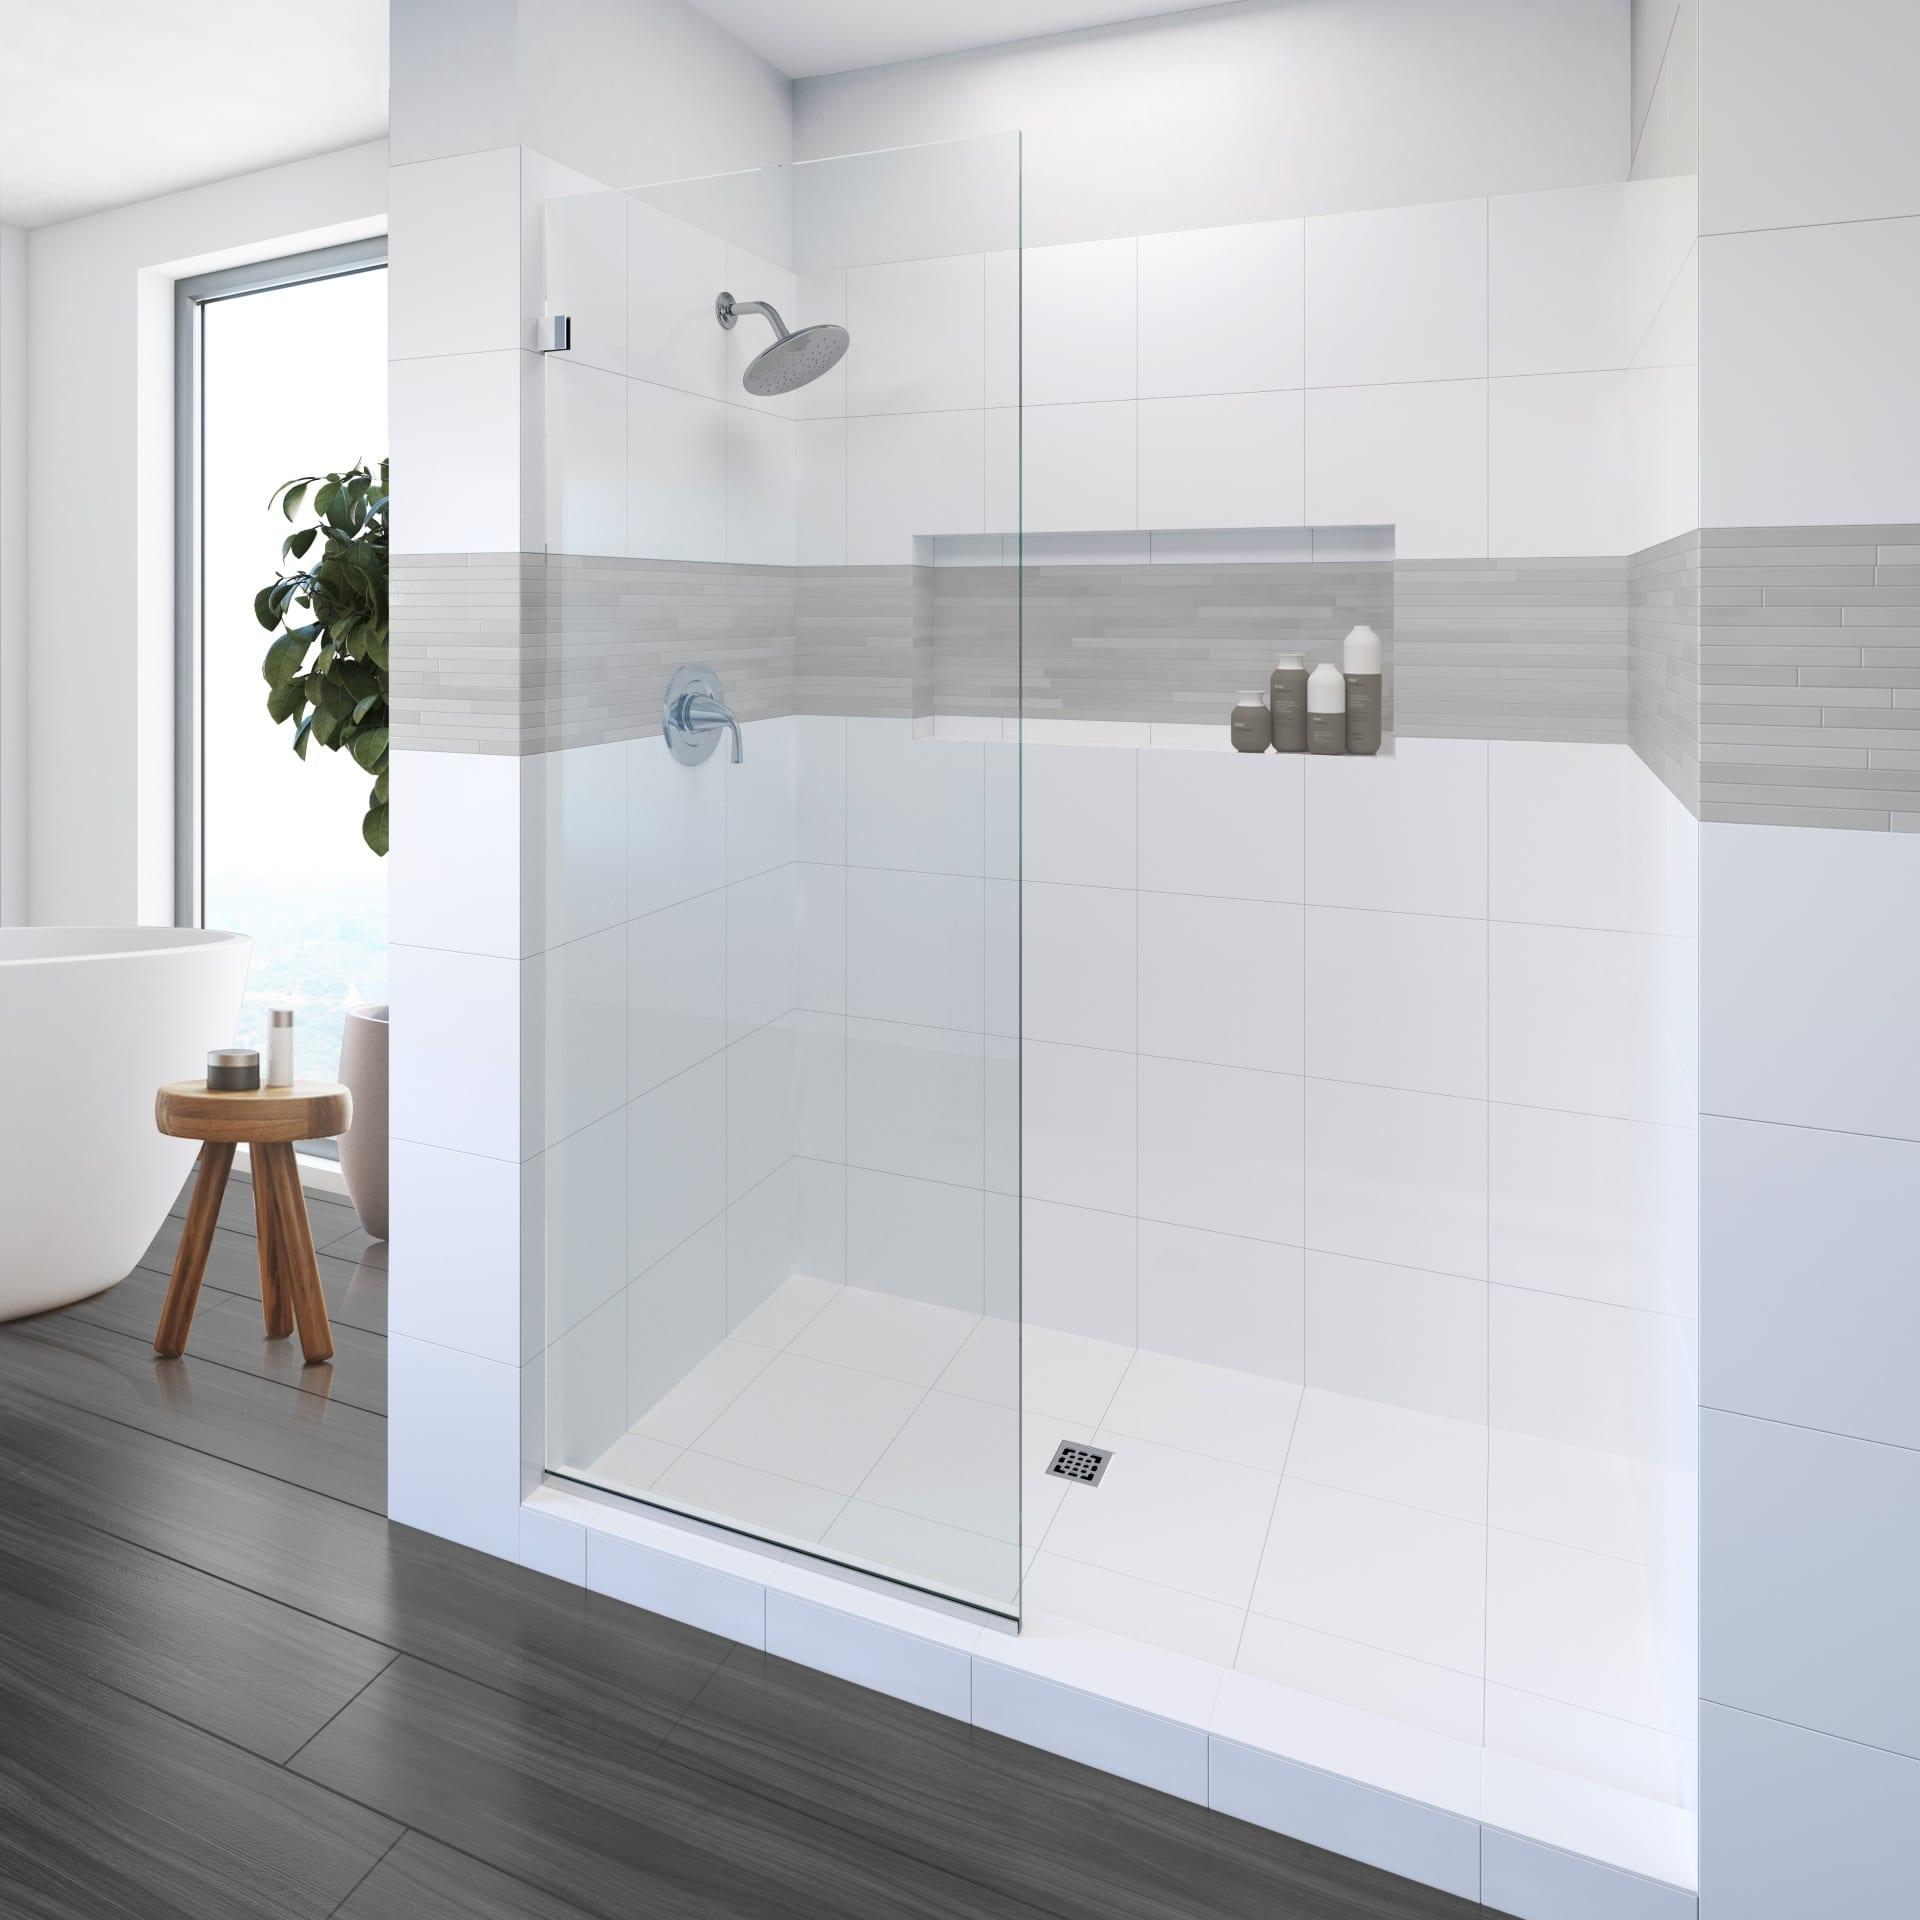 frameless inline shower doors - Shower Doors of Nashville